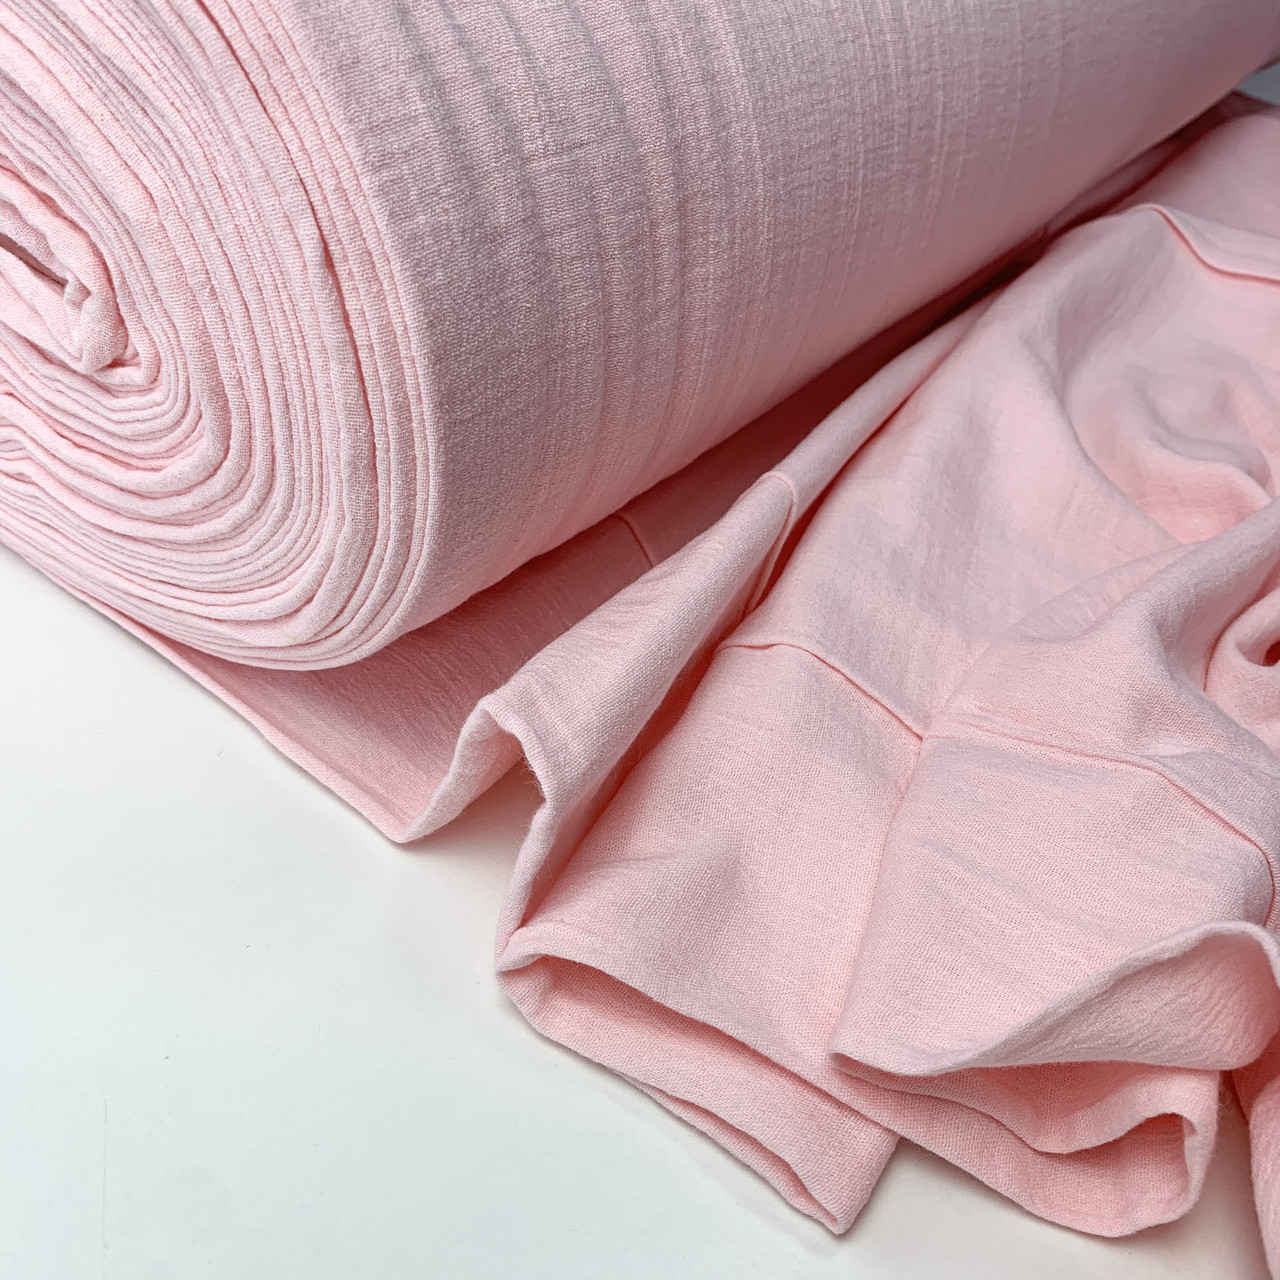 Муслин жатый 2-х слойный розовый 170 см